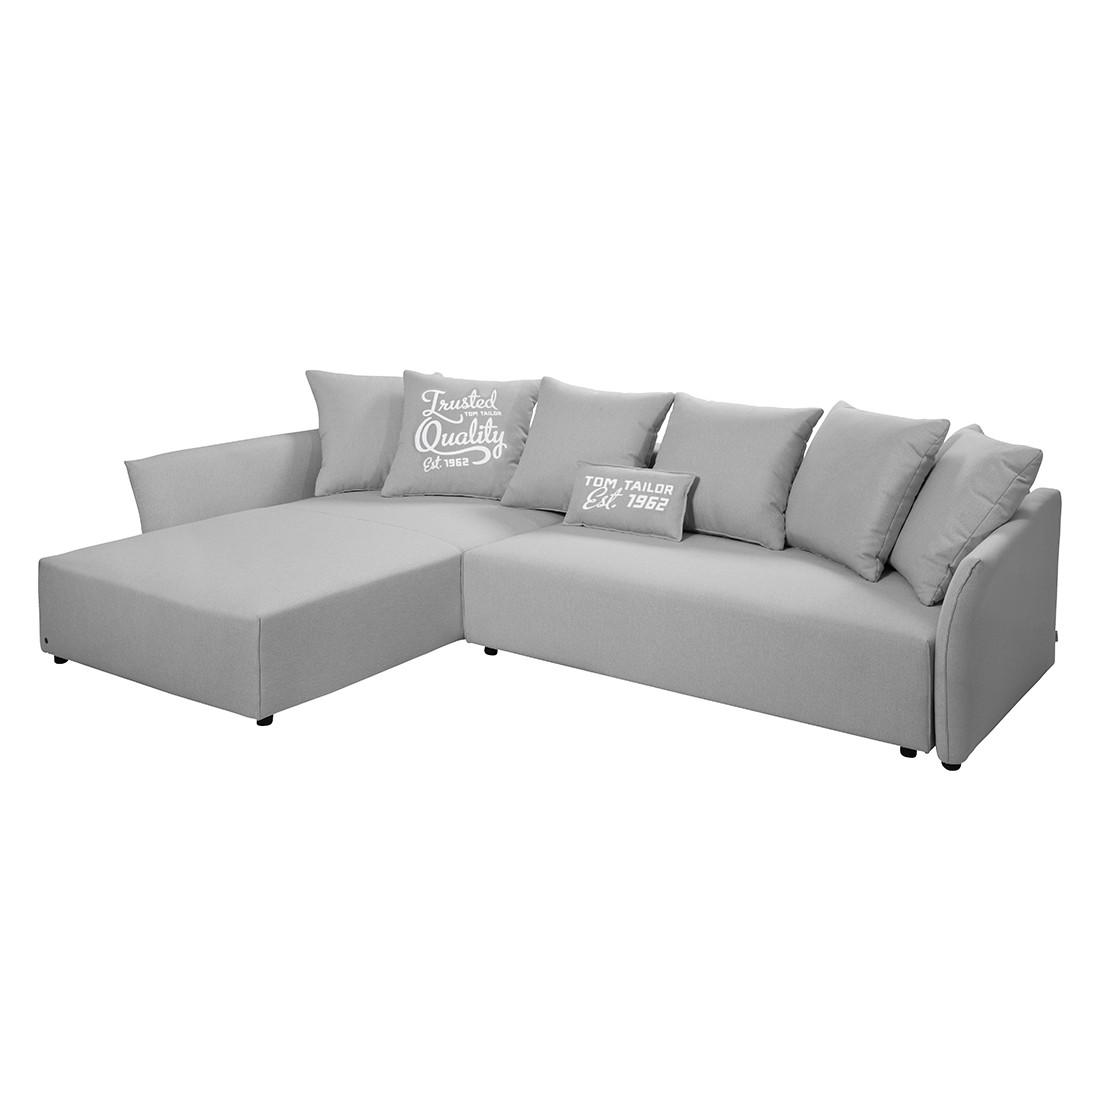 leder ecksofa mit schlaffunktion preisvergleich die besten angebote online kaufen. Black Bedroom Furniture Sets. Home Design Ideas